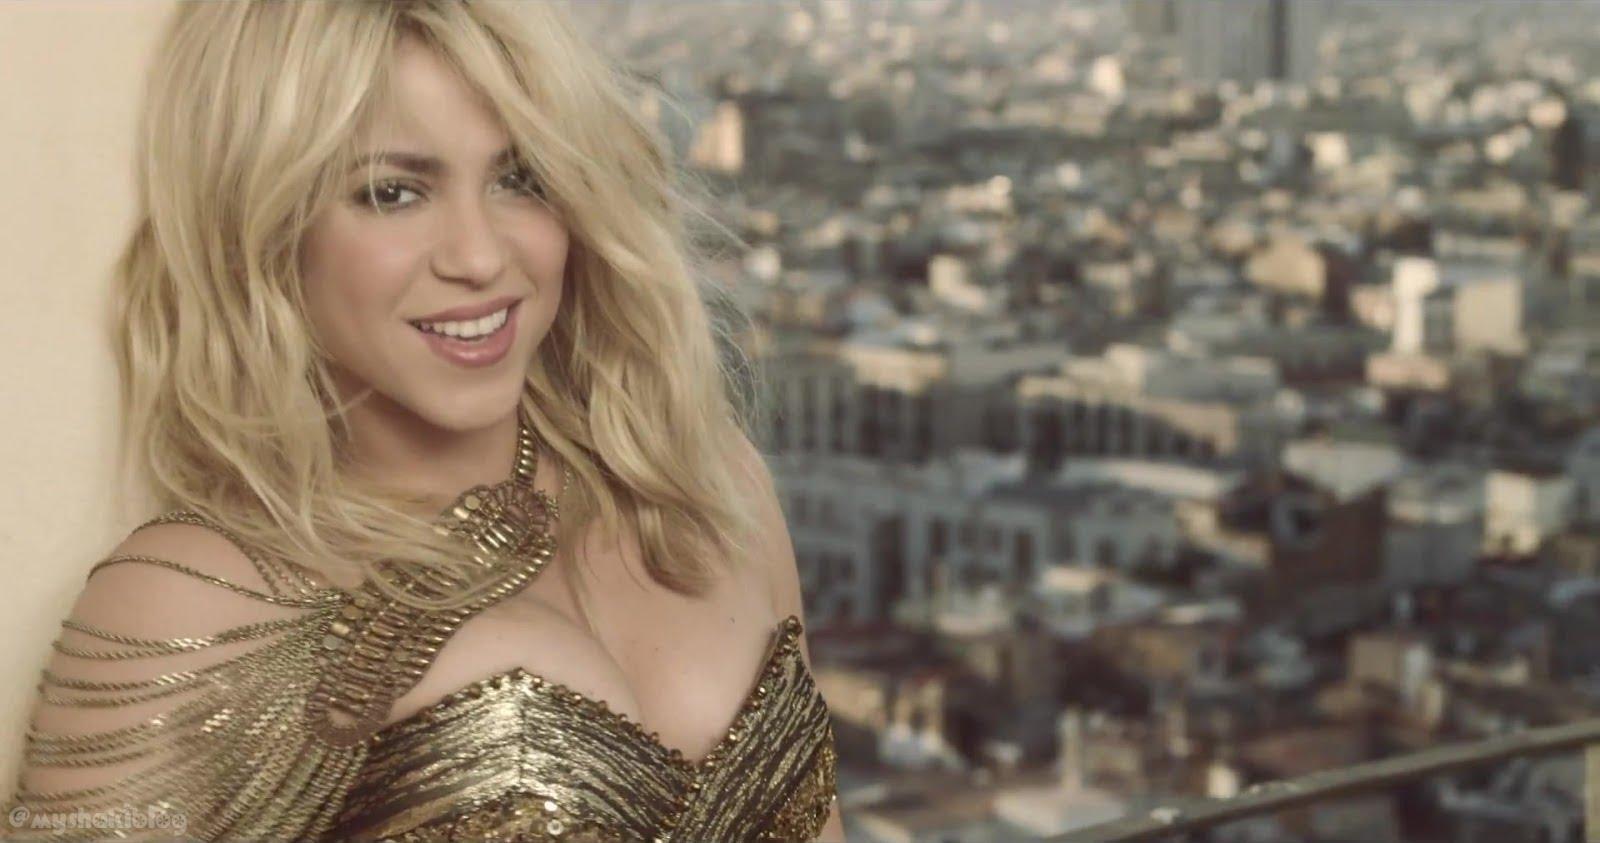 В 2012 году Pitbull и Shakira выпустили совместный сингл под названием Get It Started. Текст песни с